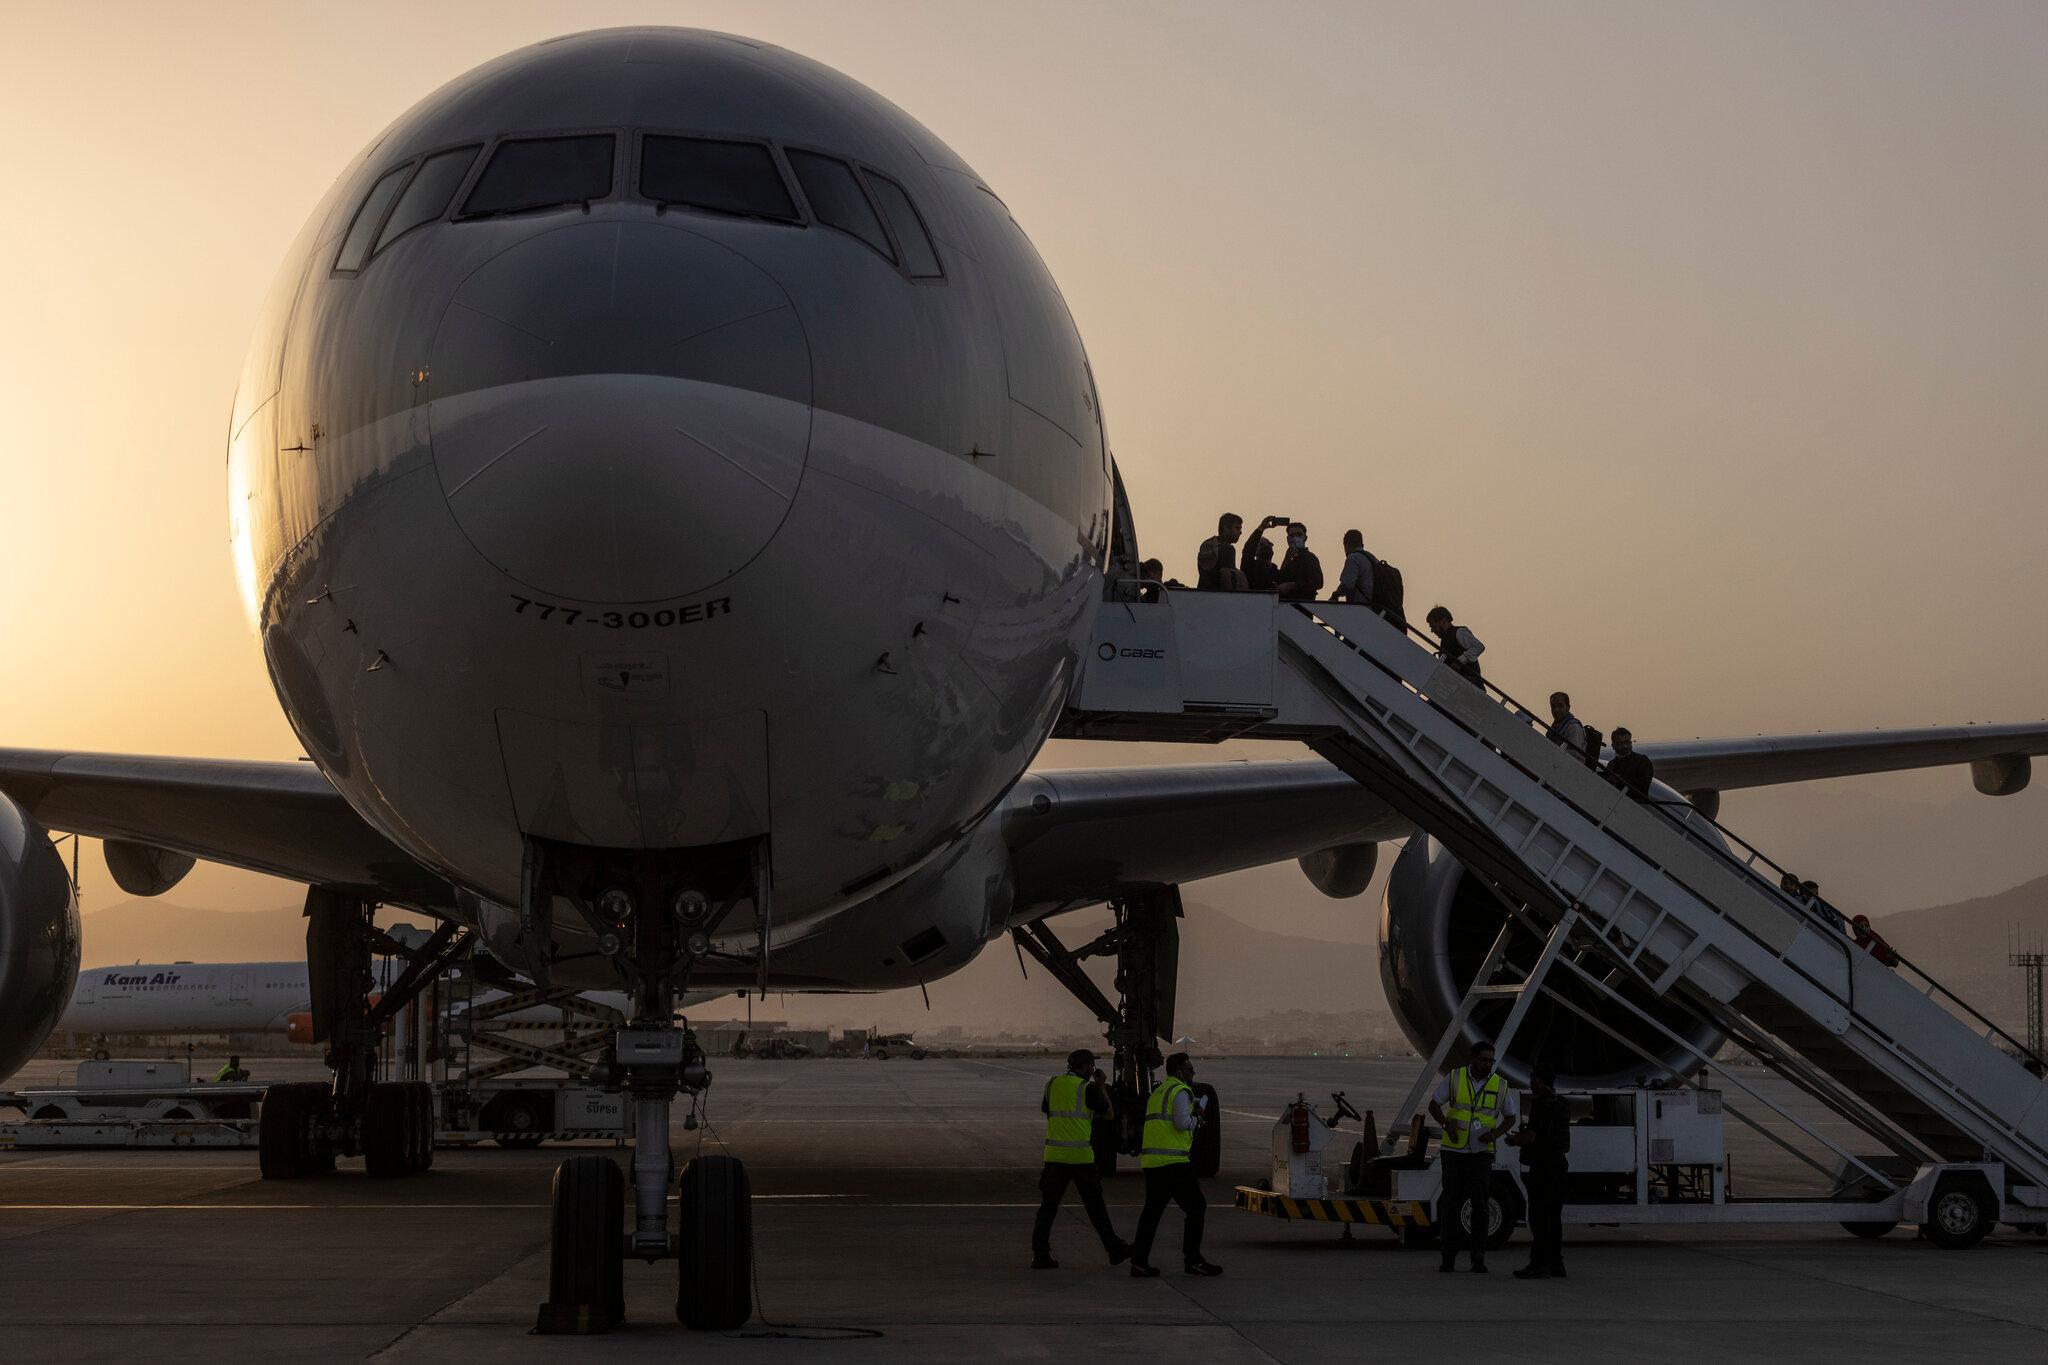 जहाज चढ्न लागेका ३२ नेपालीलाई काबुल एयरपोर्टमै रोकियो, दुईजनालाई फर्कन अनुमति